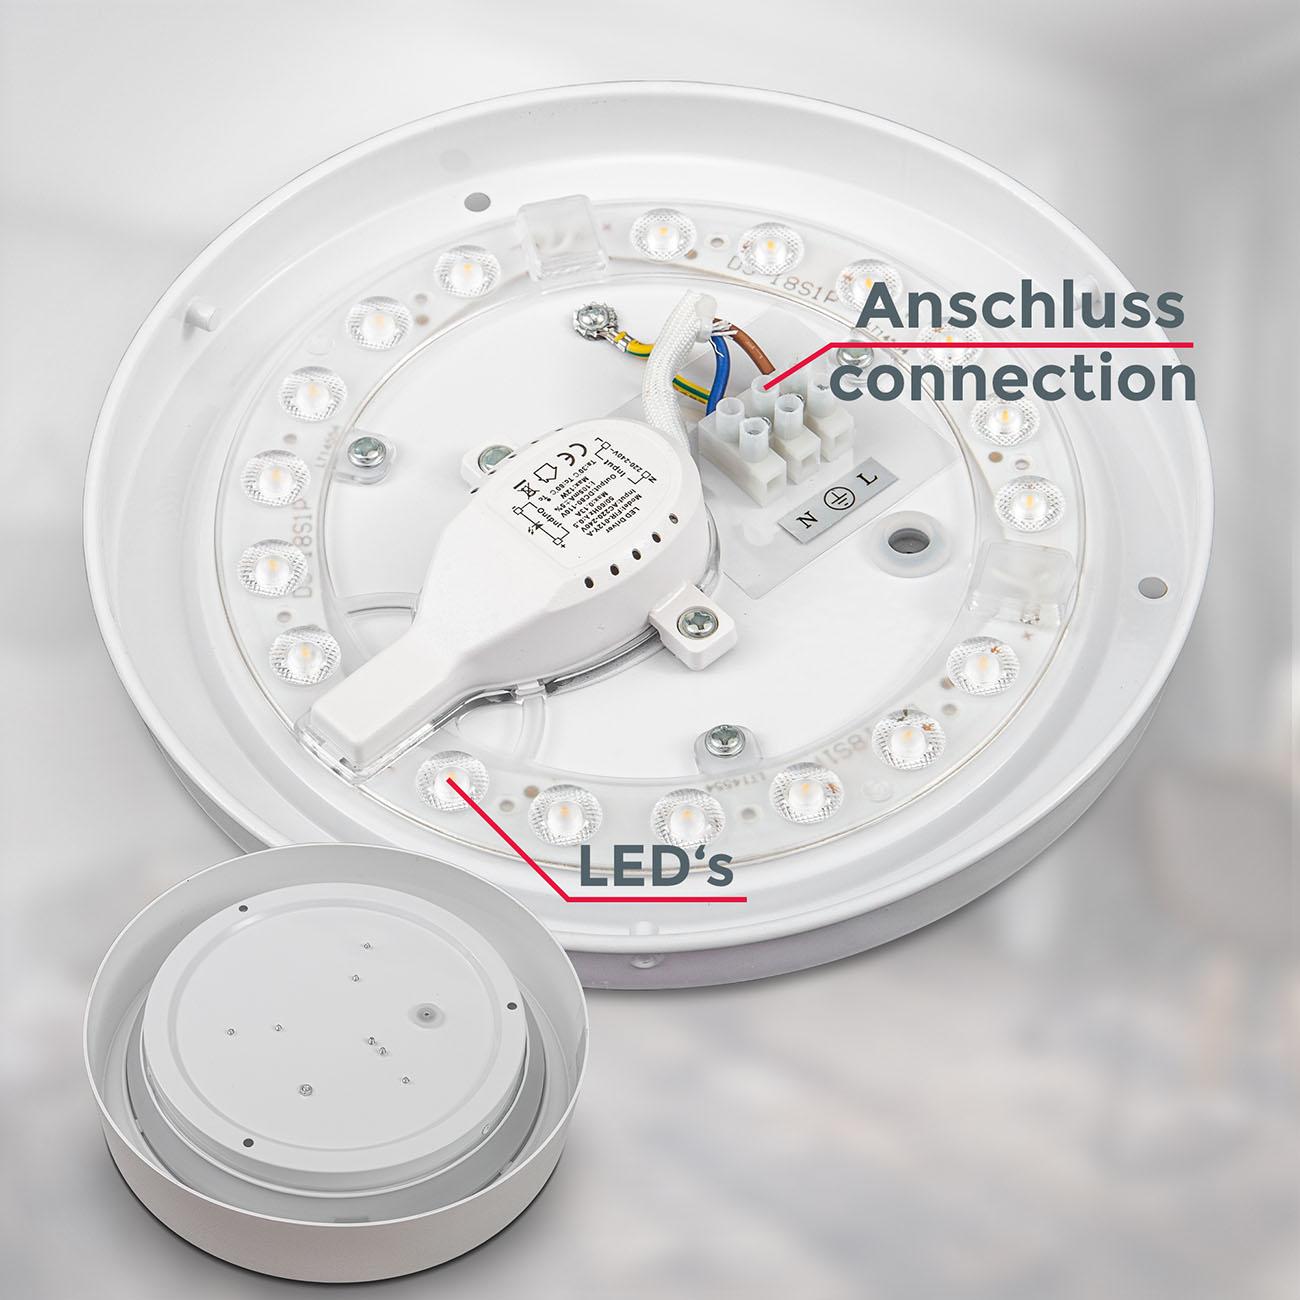 LED Deckenlampe neutralweiß rund  - 4